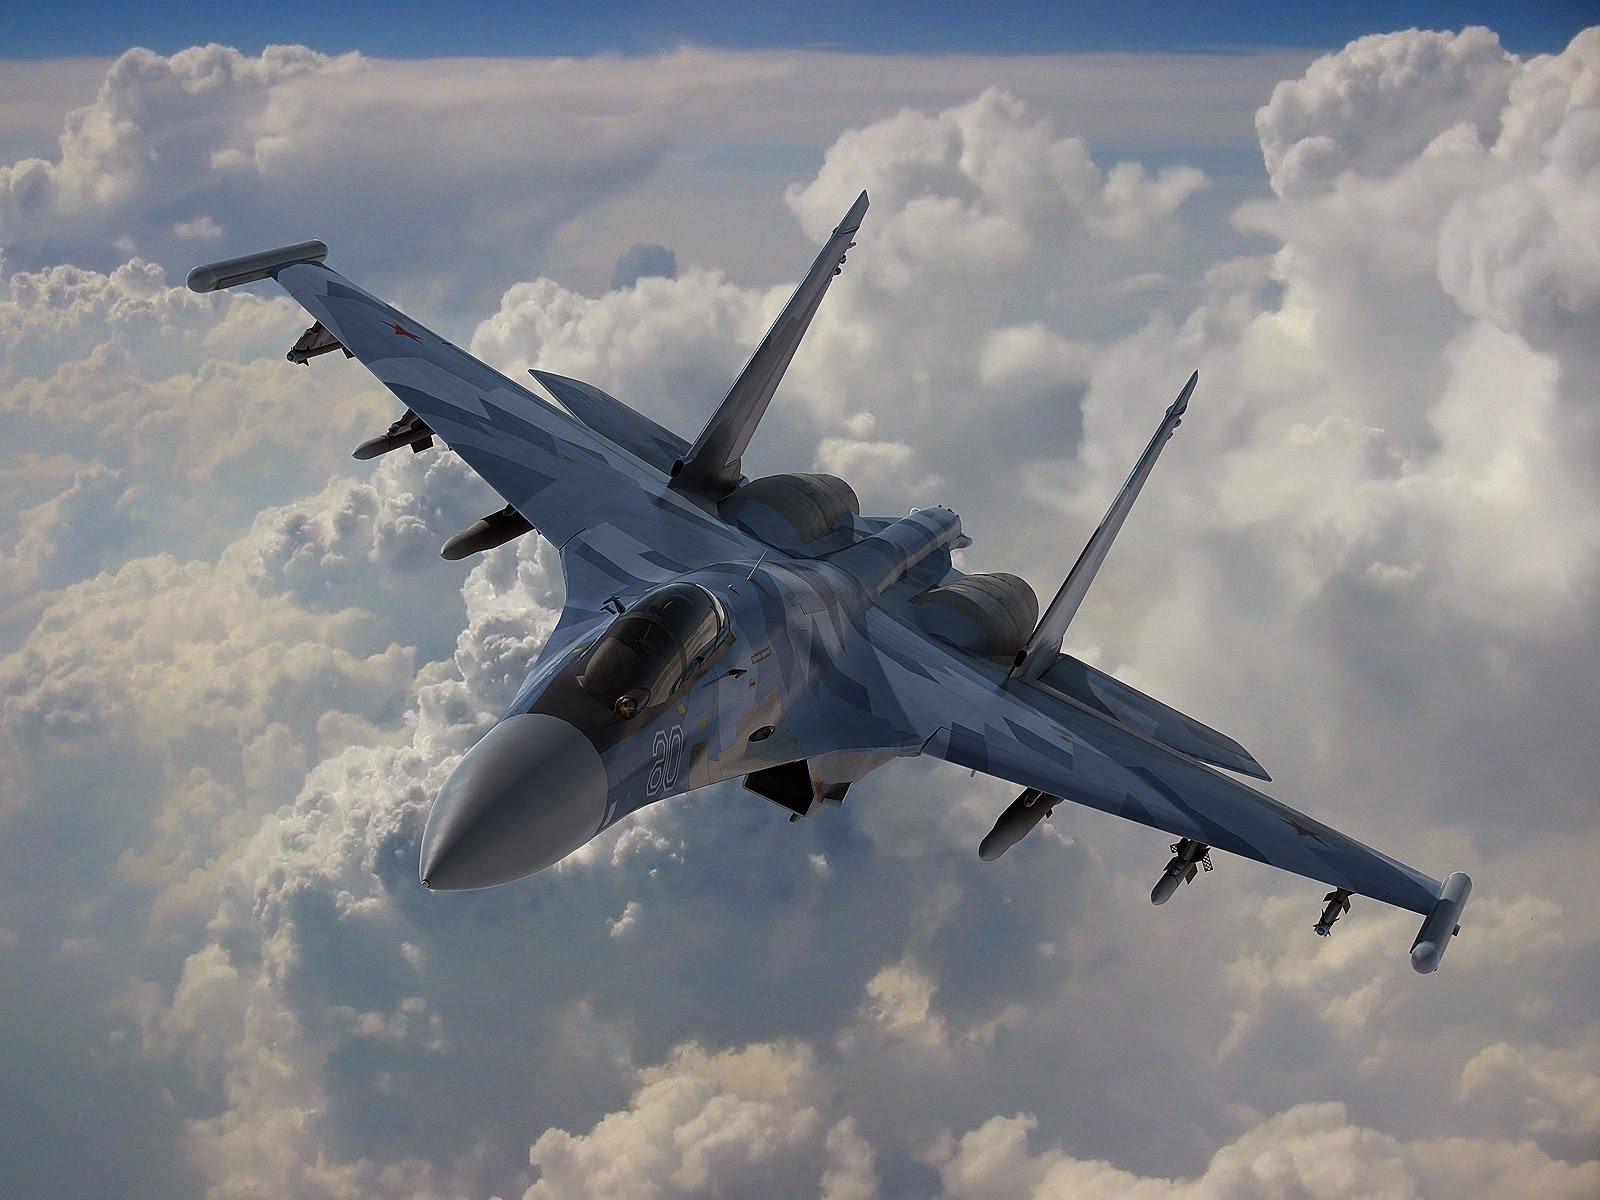 روسيا تعلن إجراء تعديلات على طائرات سو 35 المقاتلة